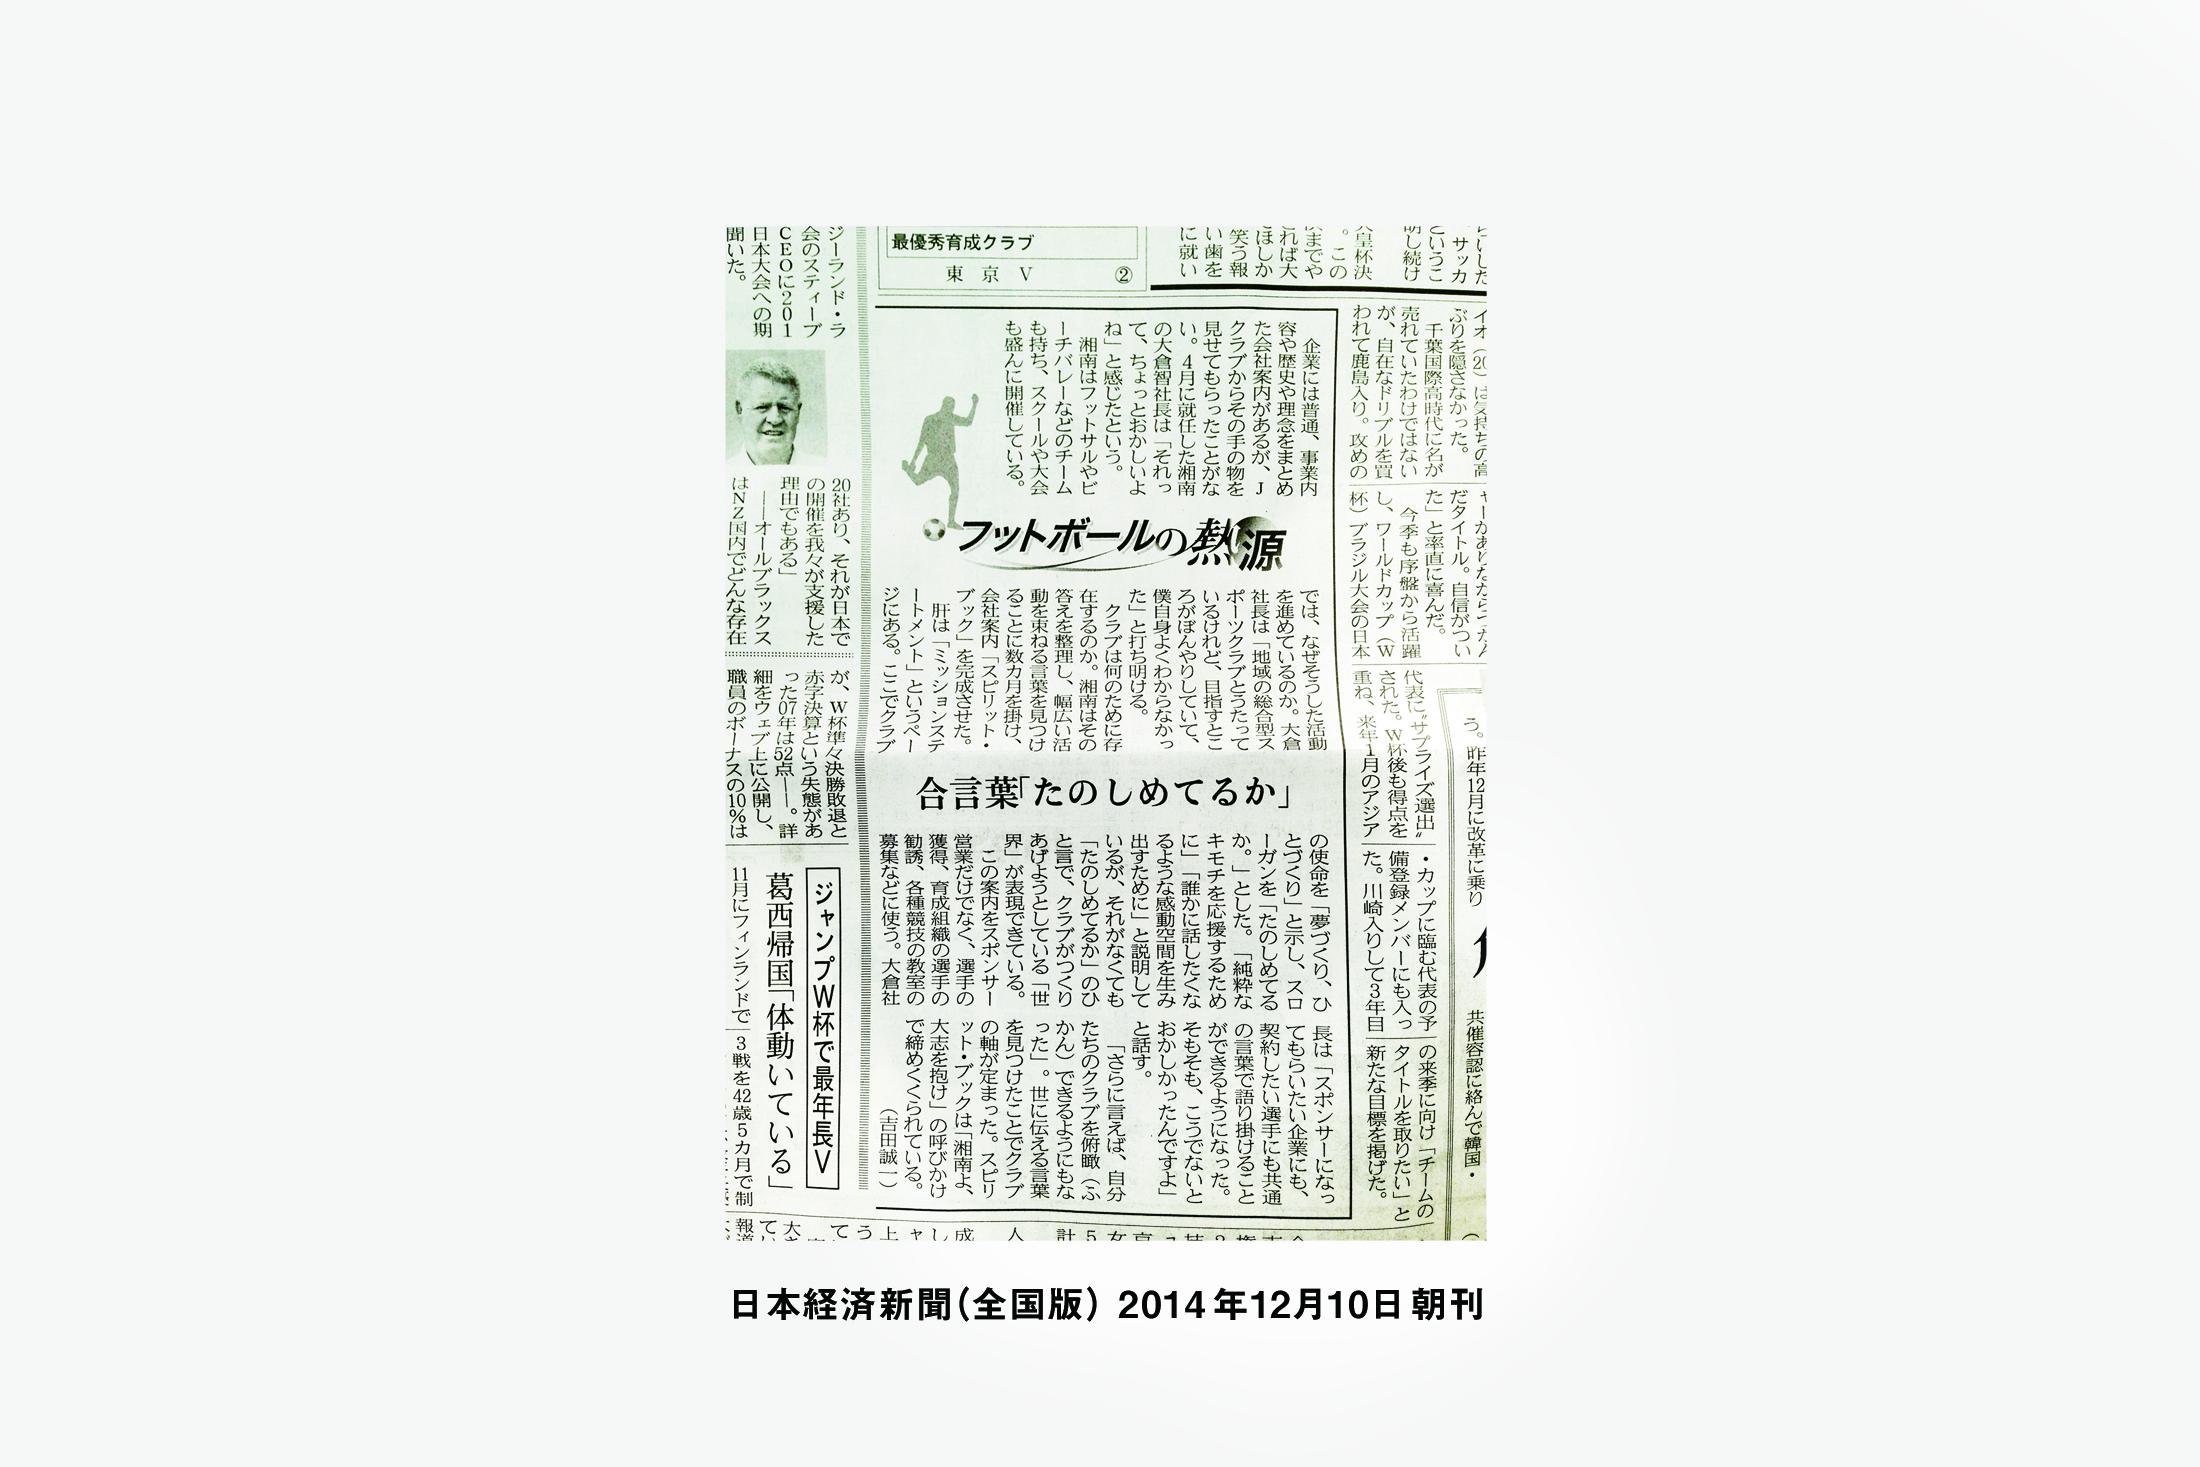 スローガン「たのしめてるか。」日本経済新聞新聞 掲載